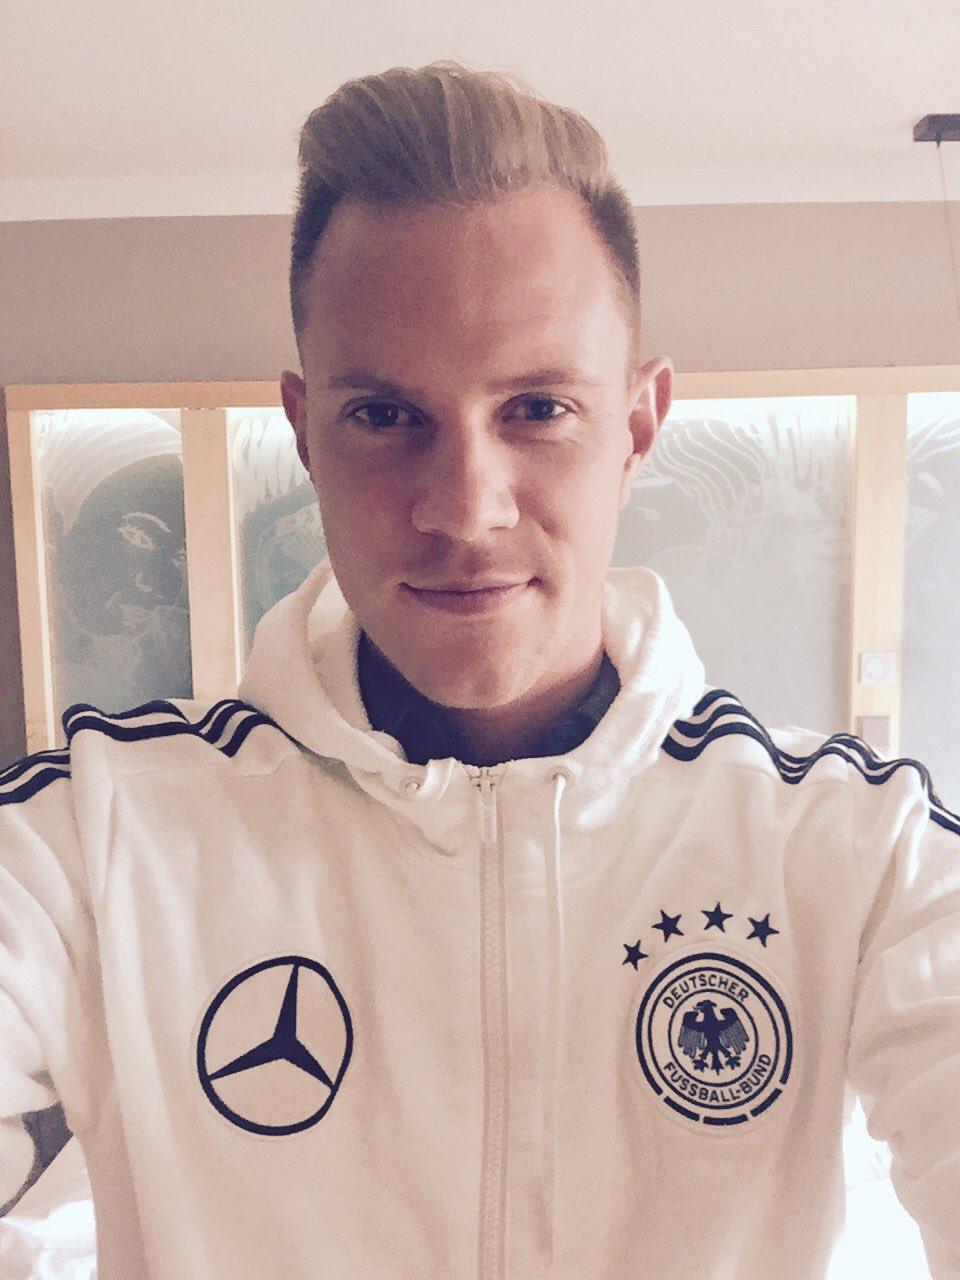 Good morning! 😊Home match in Hamburg. It's matchday! 🇩🇪⚽  #GERCZE #DieMannschaft #DesireToWin https://t.co/89aJiYvcpd